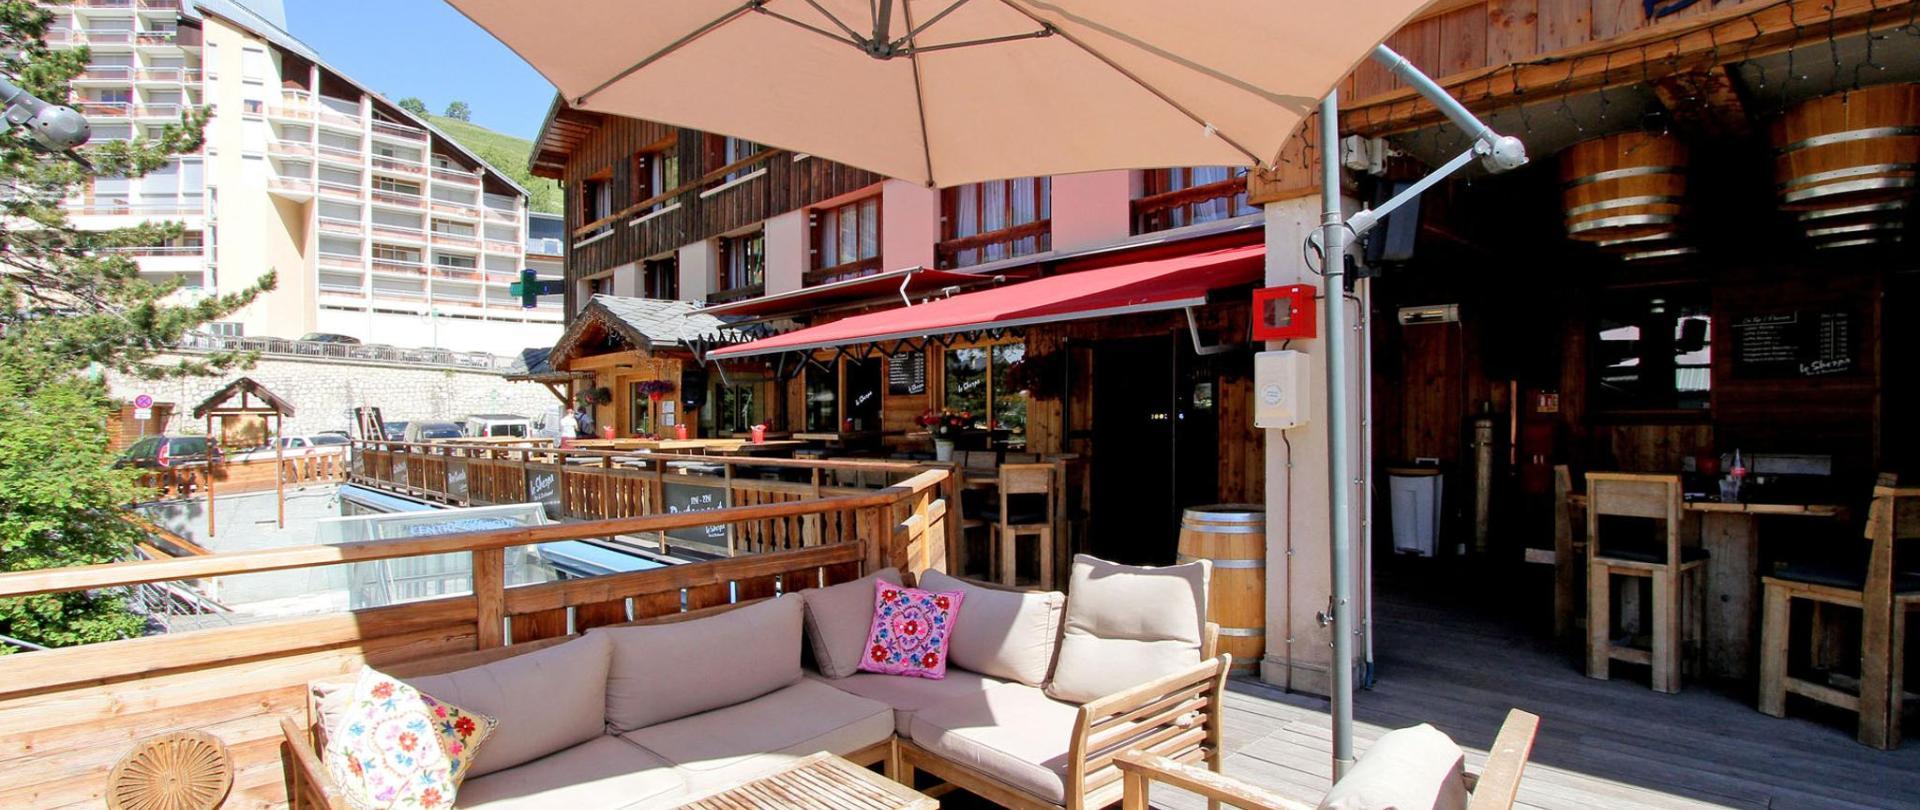 91-HotelSherpa-web.jpg